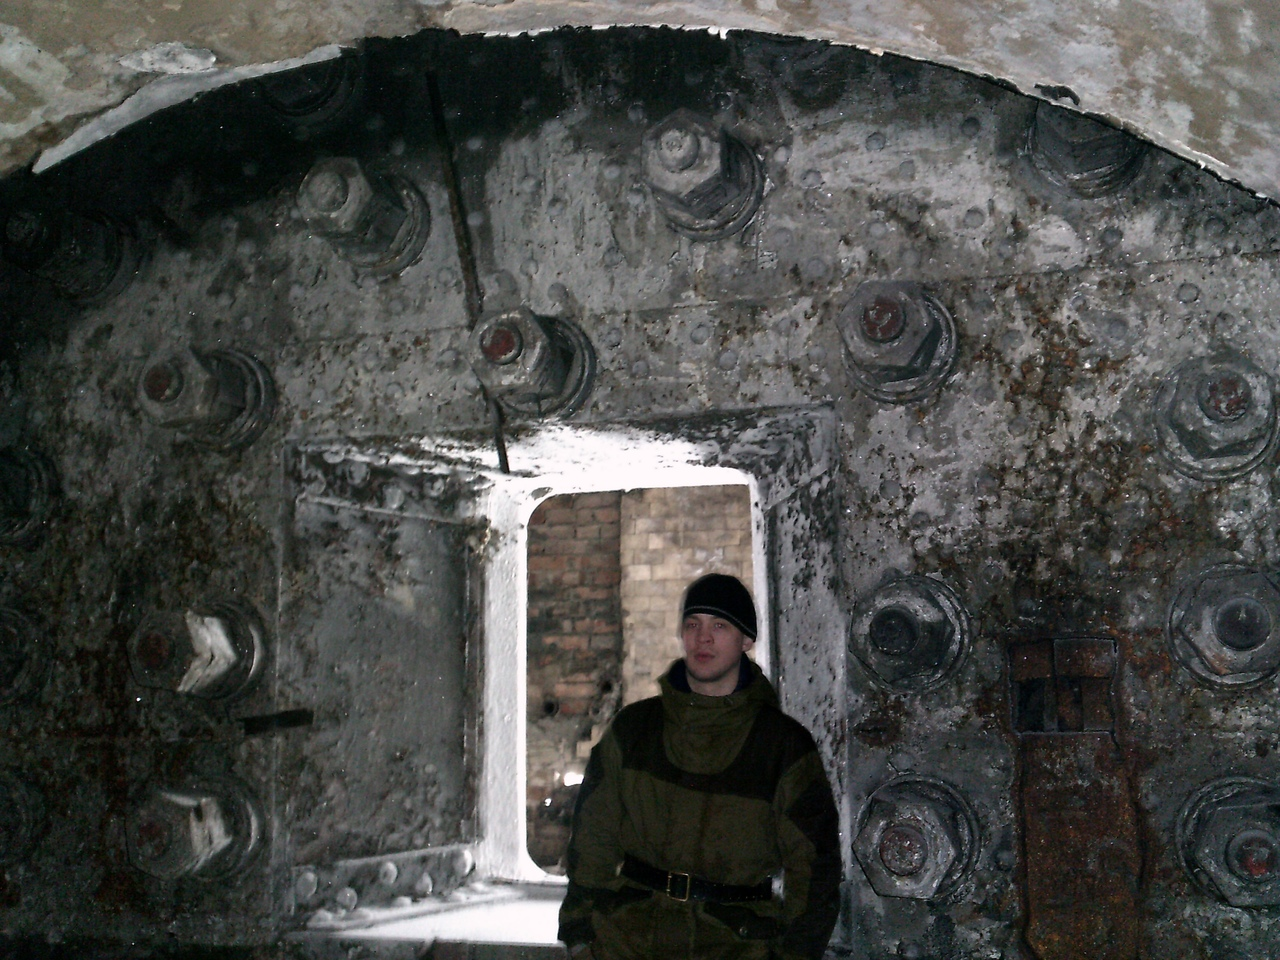 Поход на запретный форт. По льду на 6-й Северный форт Кронштадта.